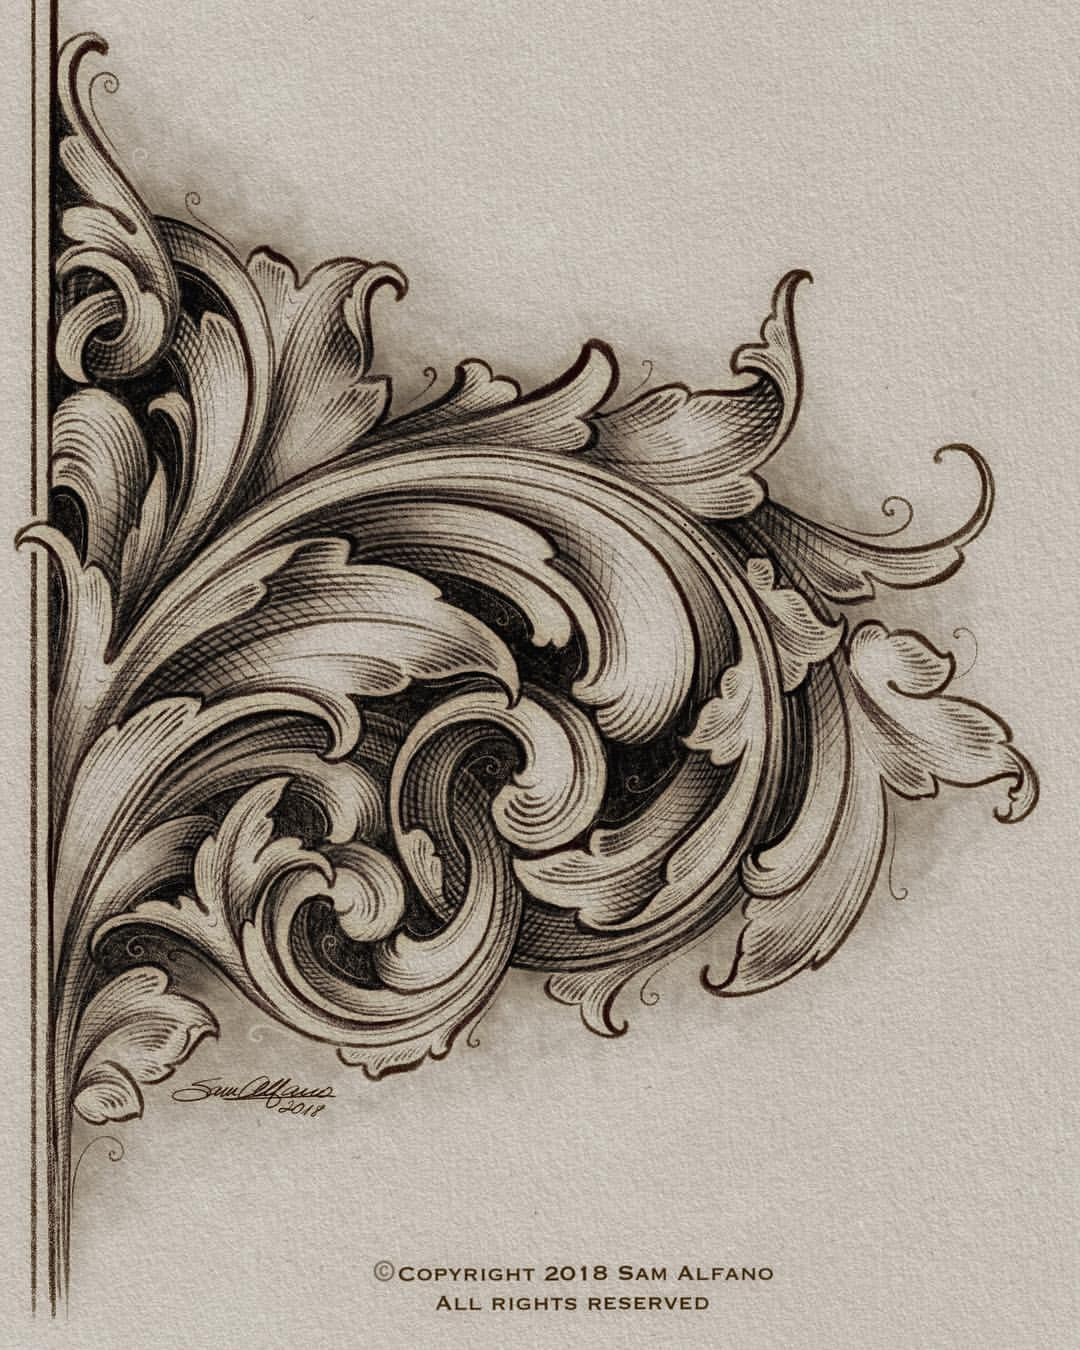 Engraving filigree bronze